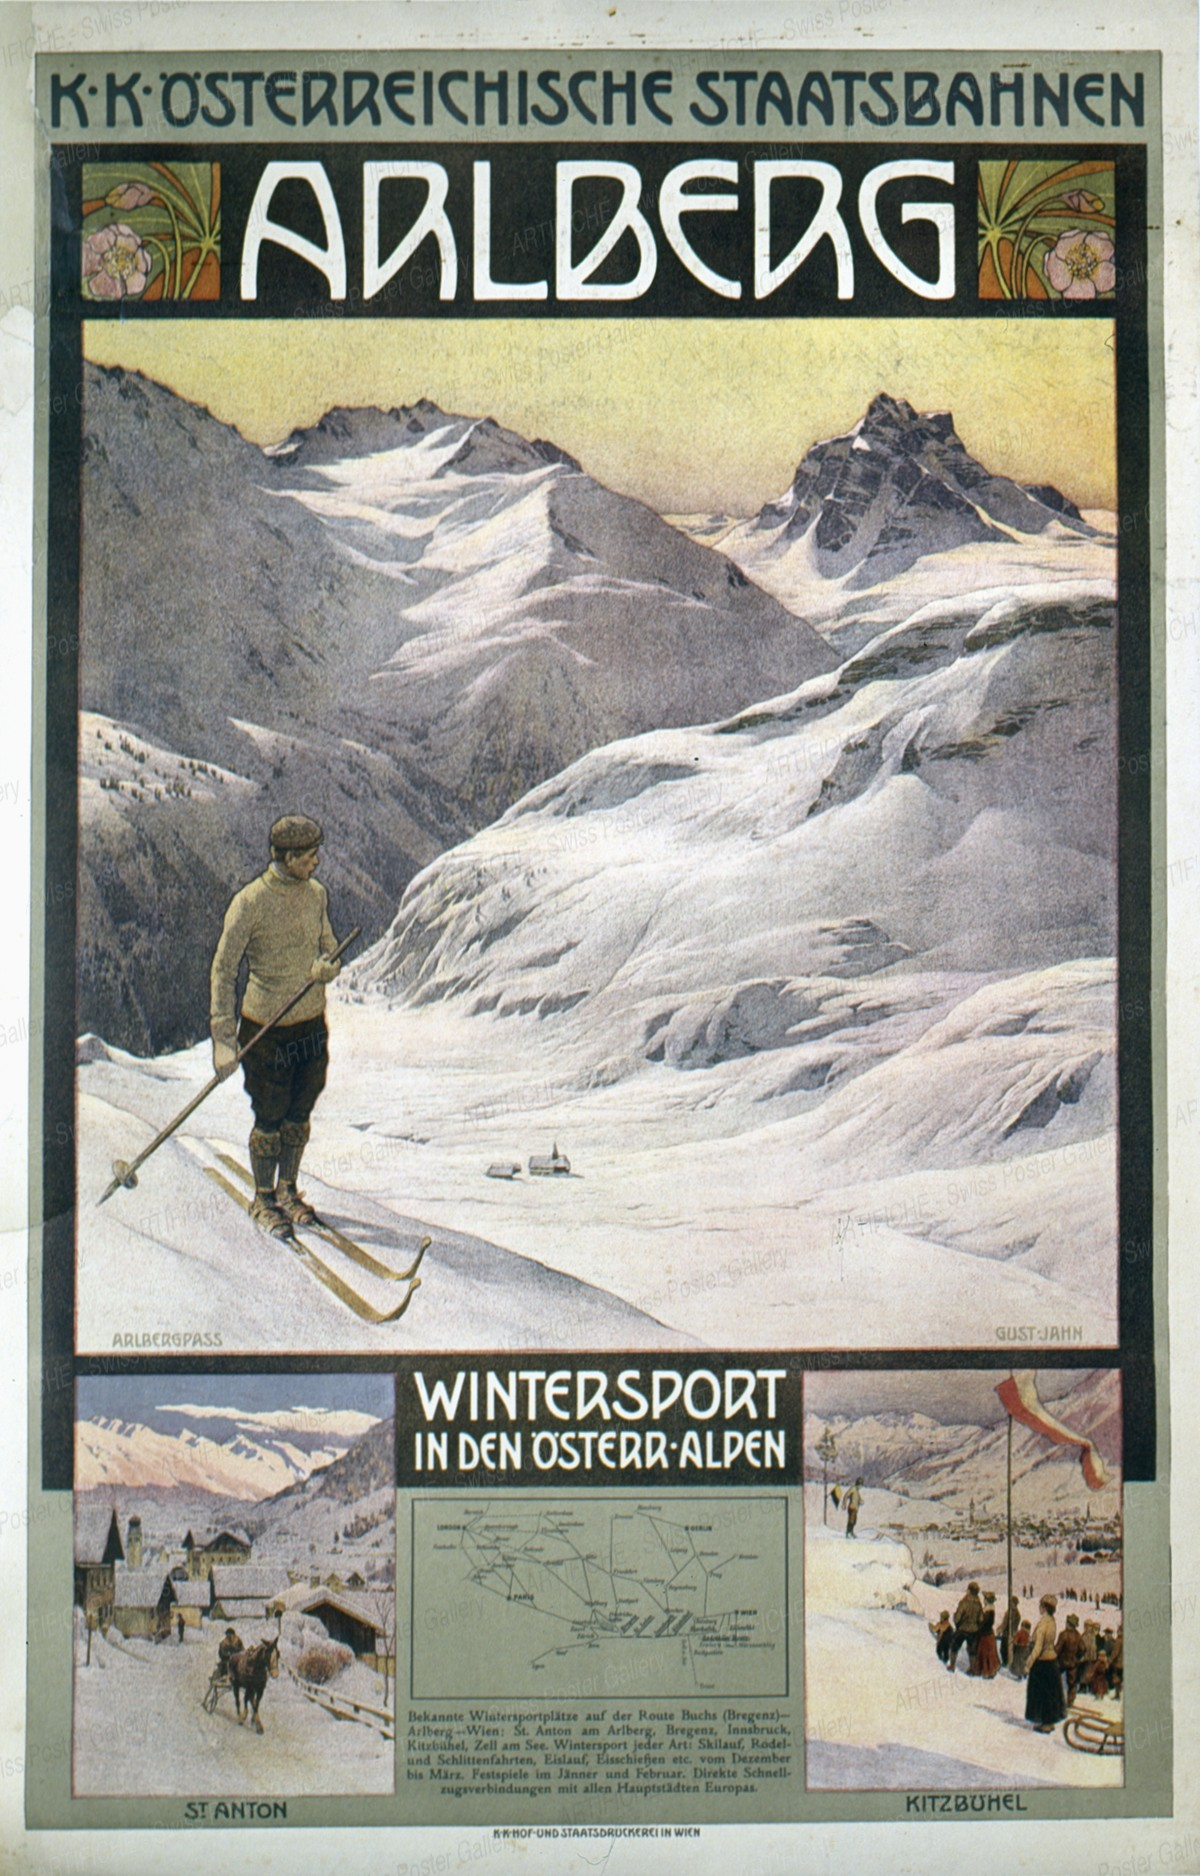 Arlberg – Wintersport in den üsterreichischen Alpen, Gustav Jahn